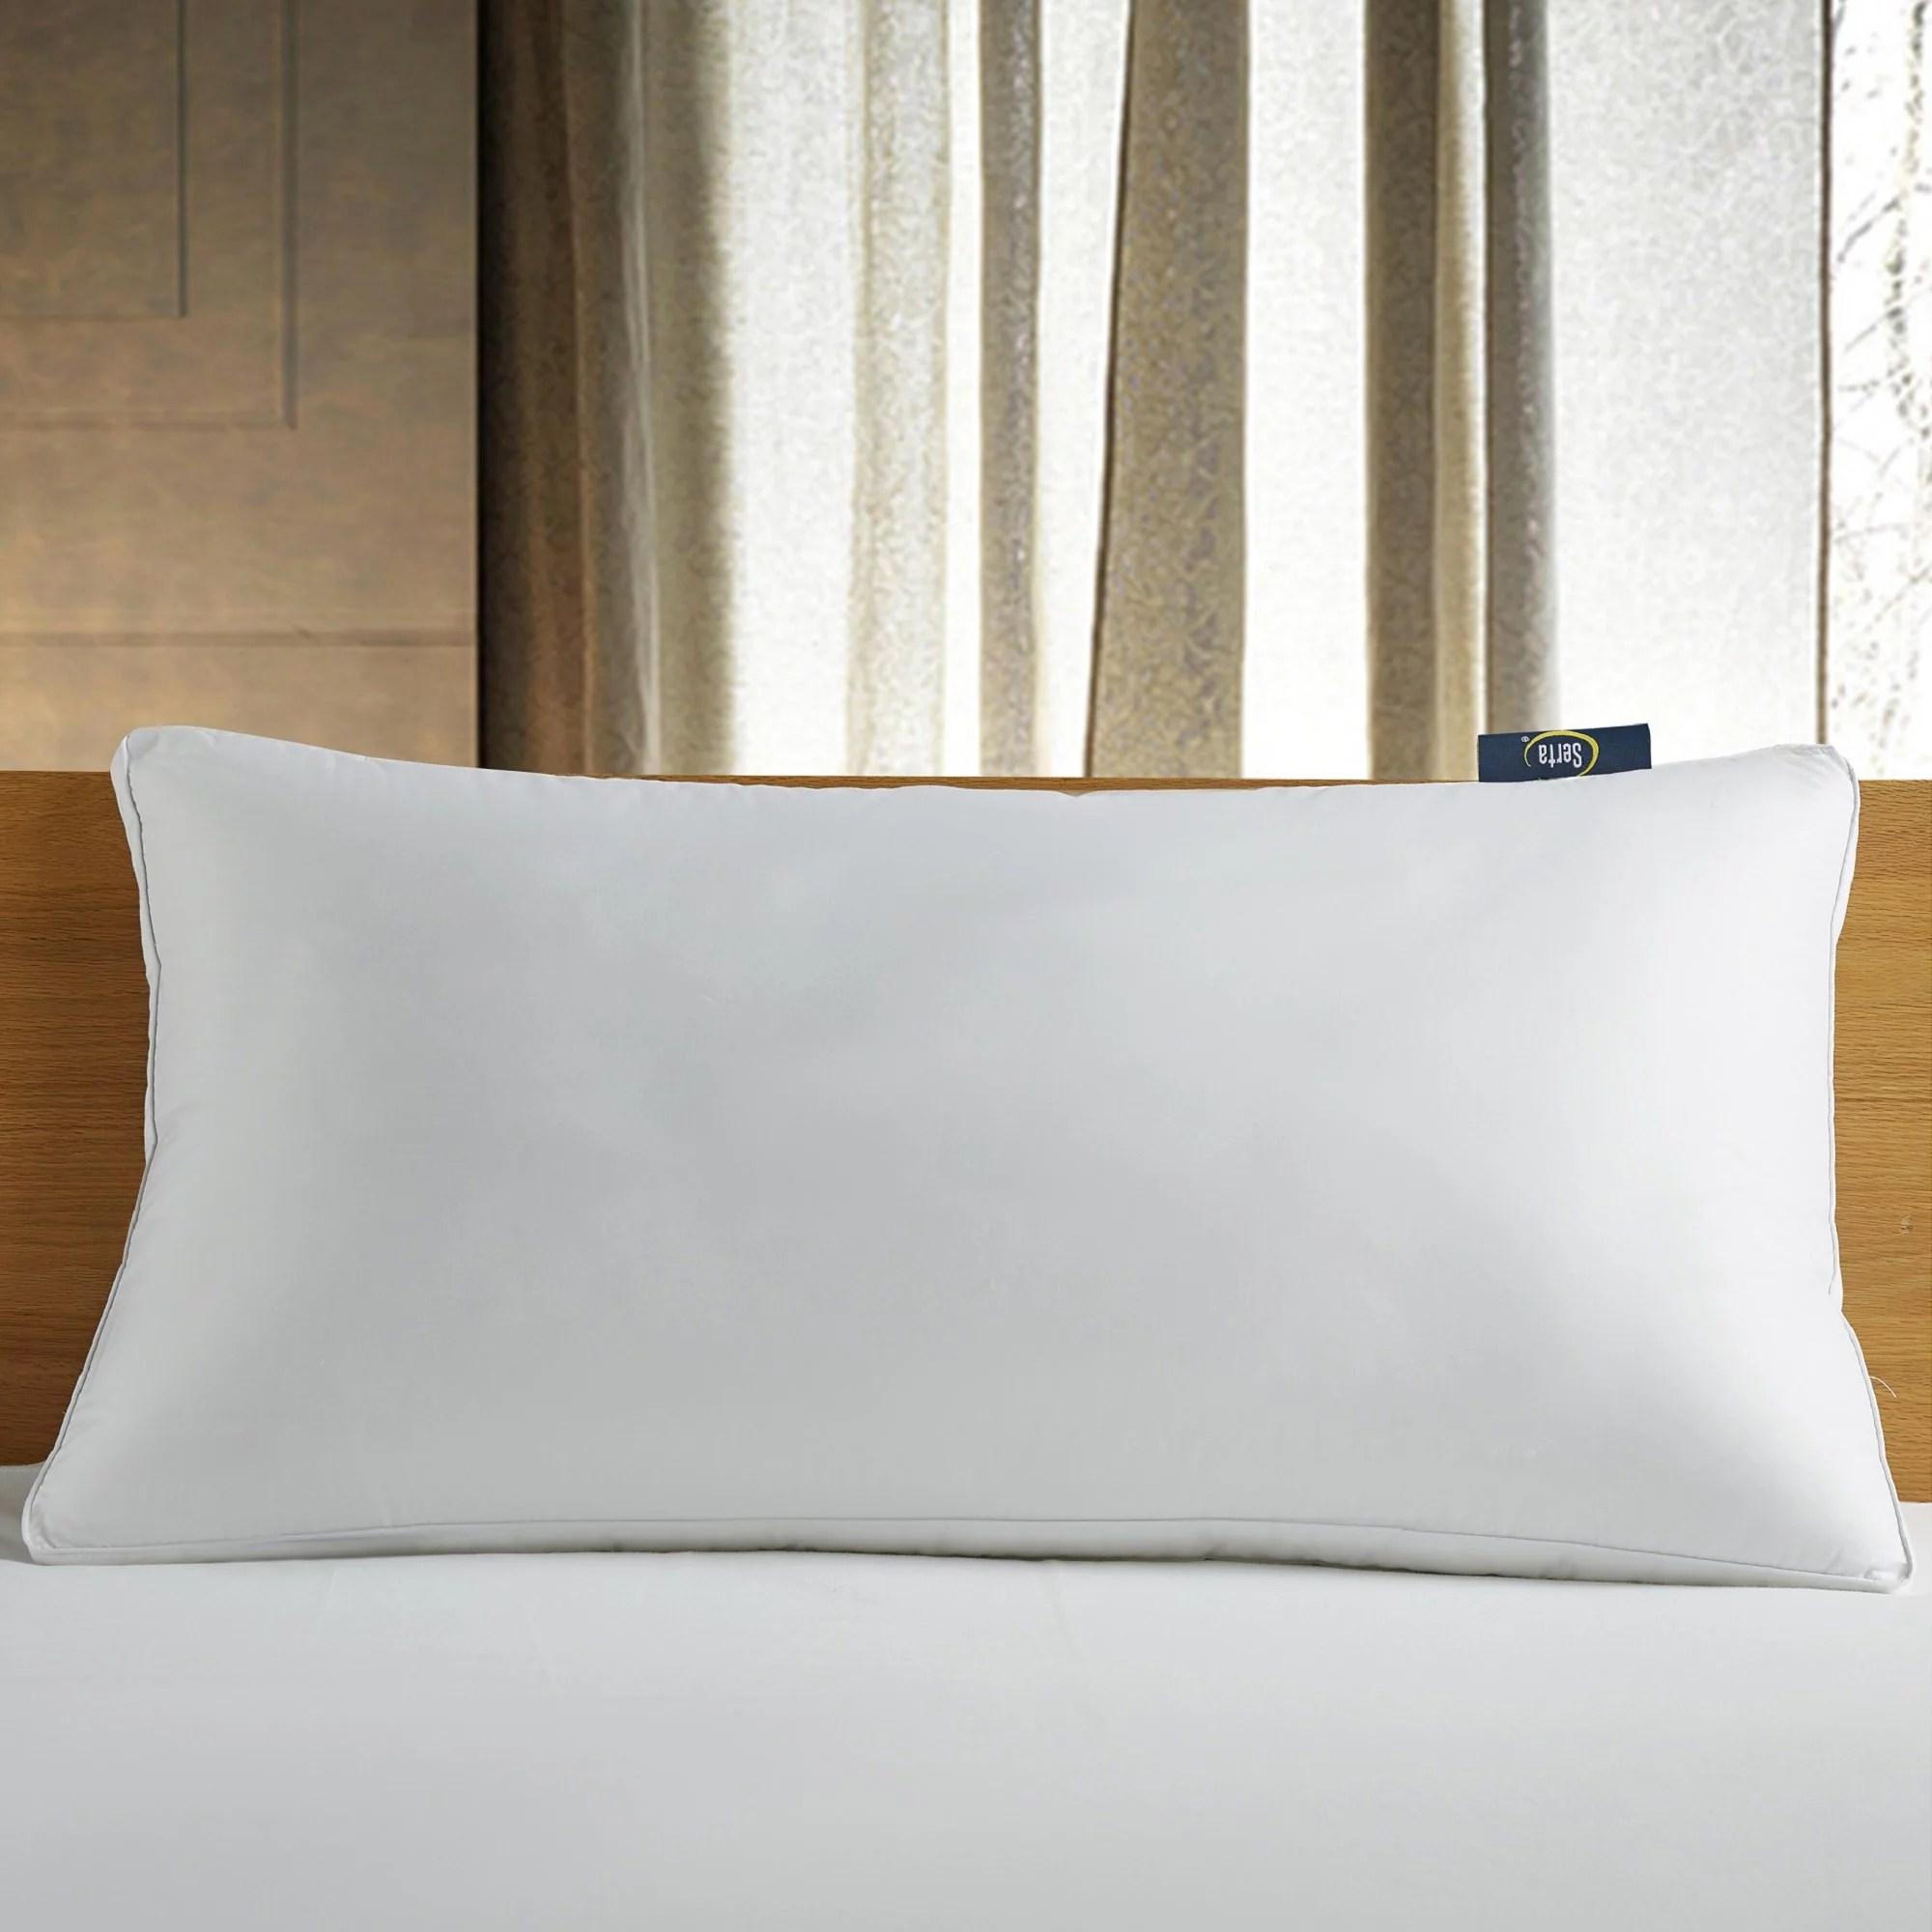 serta pillows walmart com